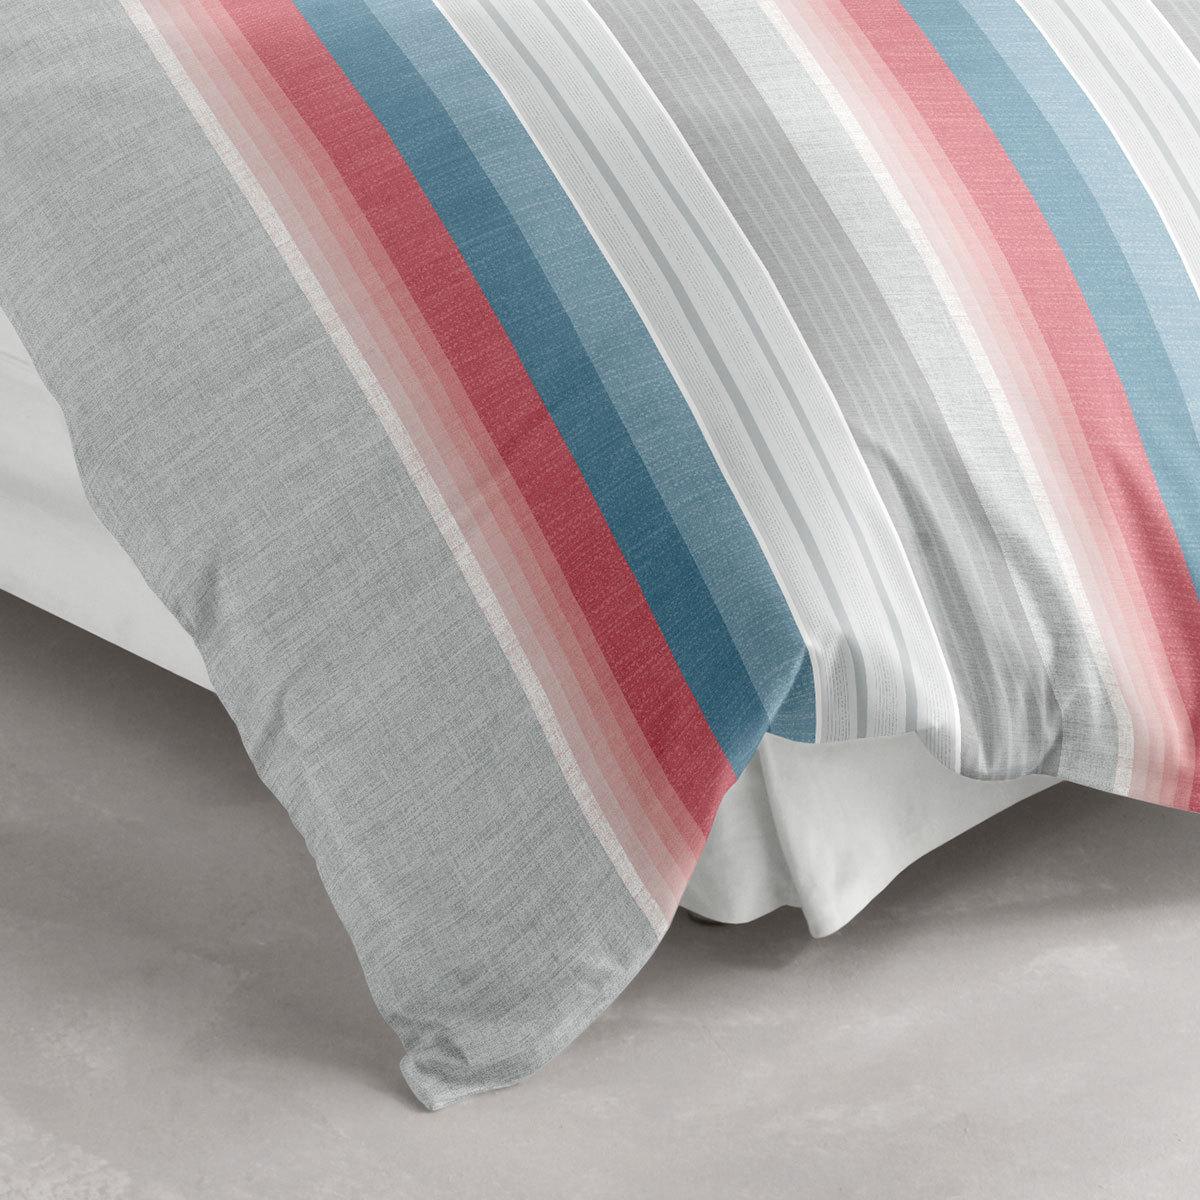 irisette biber bettw sche davos 8632 20 g nstig online. Black Bedroom Furniture Sets. Home Design Ideas